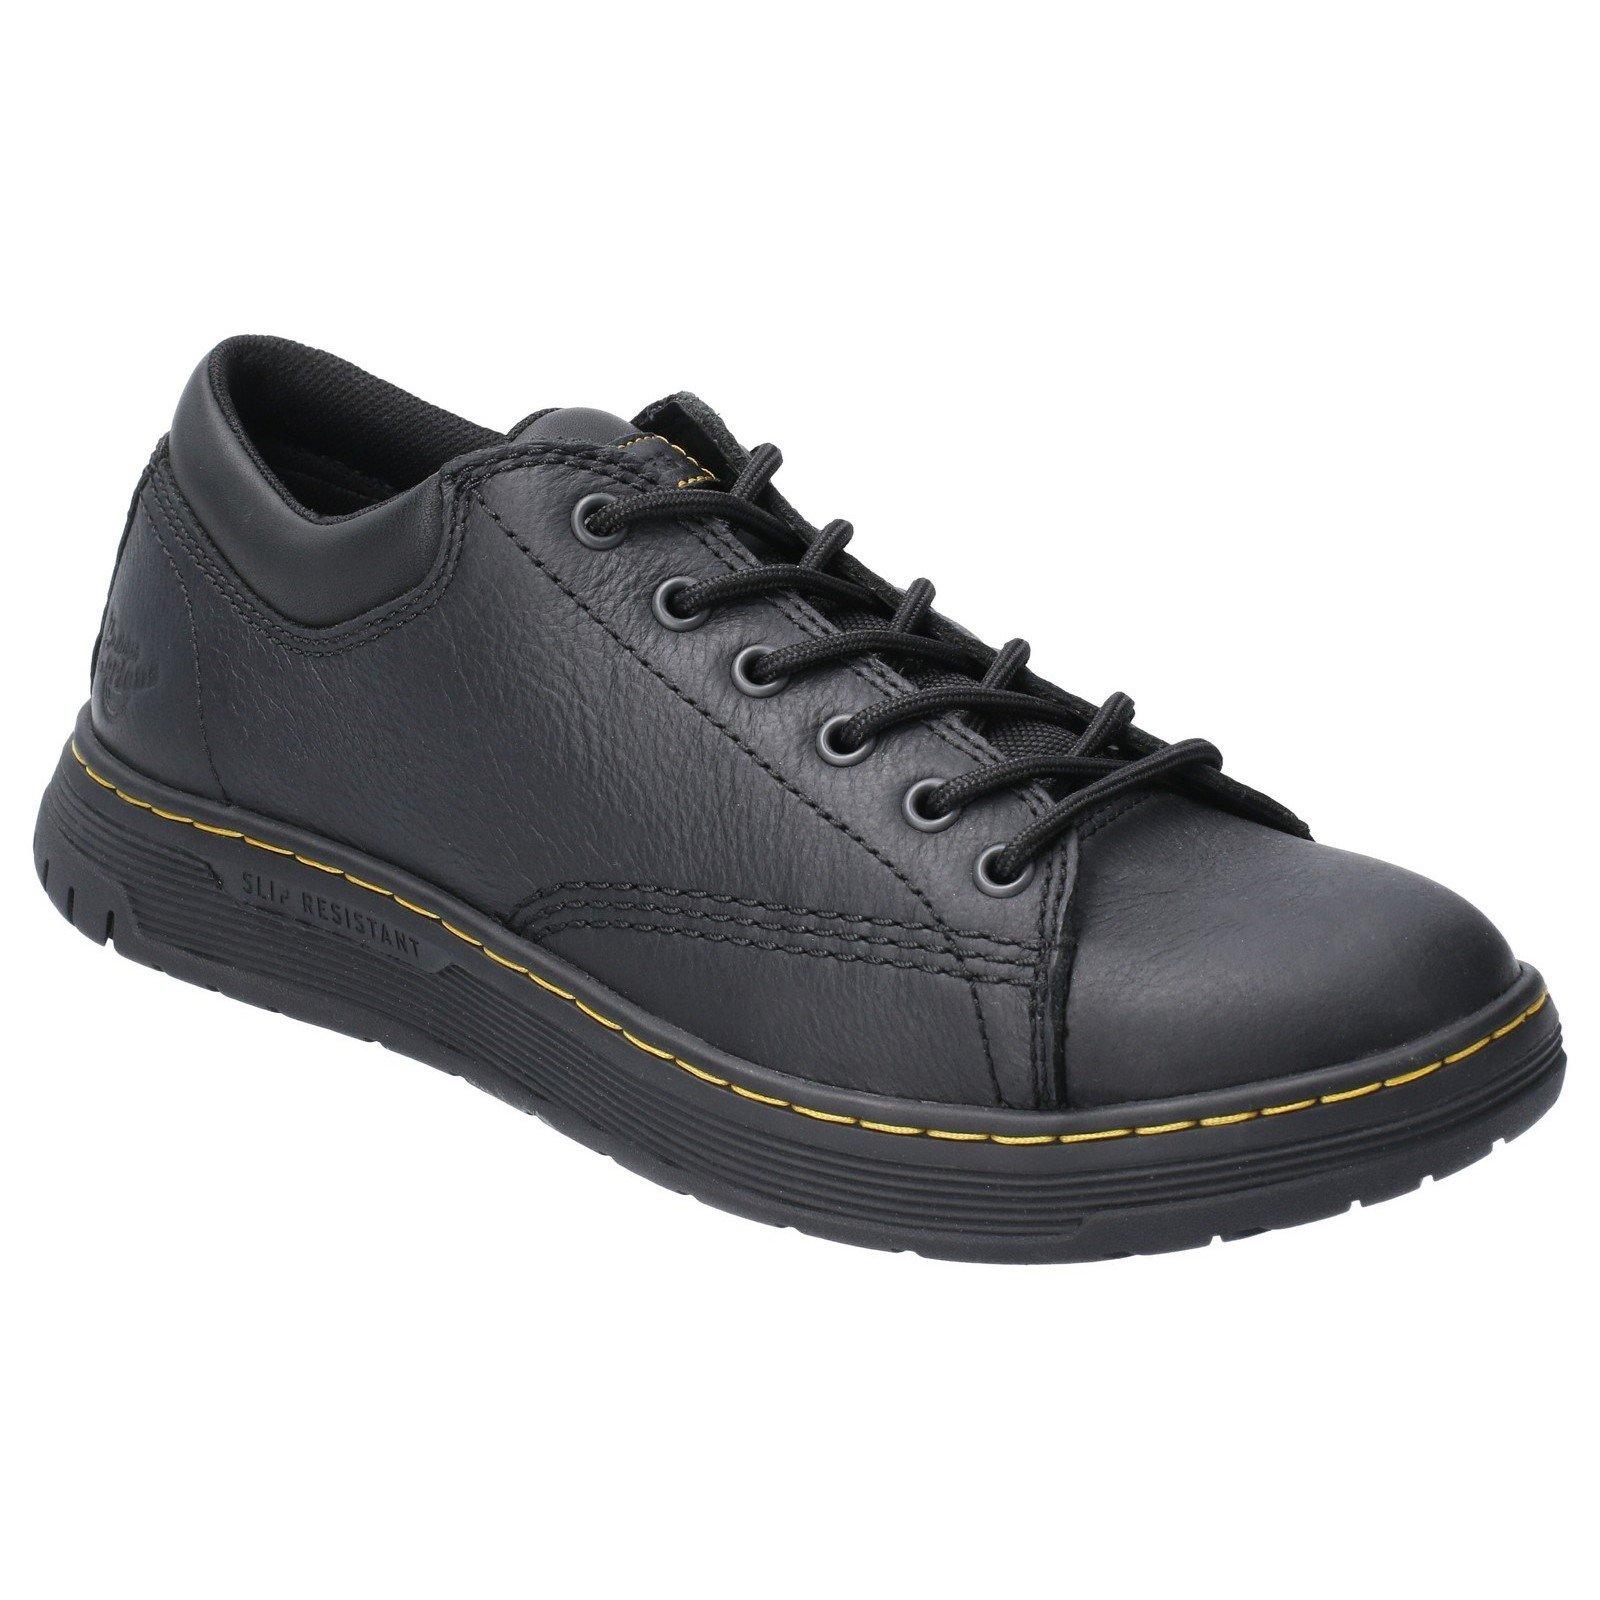 Dr Martens Unisex Maltby SR Lace Trainer Black 29510 - Black 10